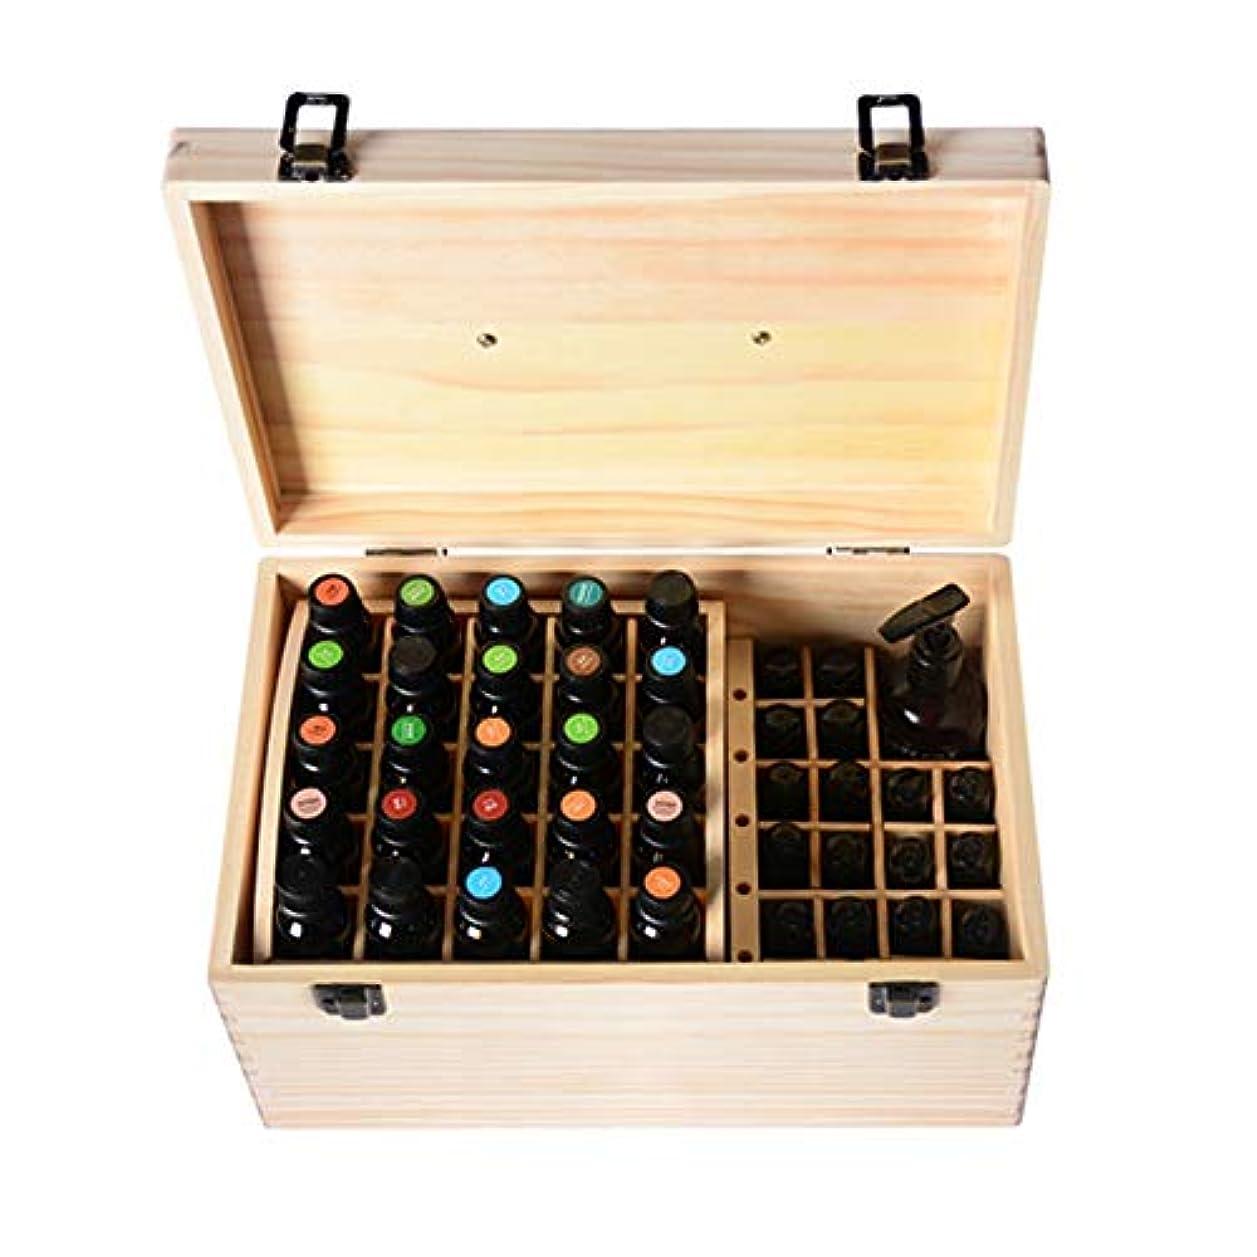 ビル尾たくさんのエッセンシャルオイルの保管 74スロット木エッセンシャルオイルボックス収納ケース内部のリムーバブルは15/10 M1のボトルナチュラルパインを開催します (色 : Natural, サイズ : 35X20X16.5CM)